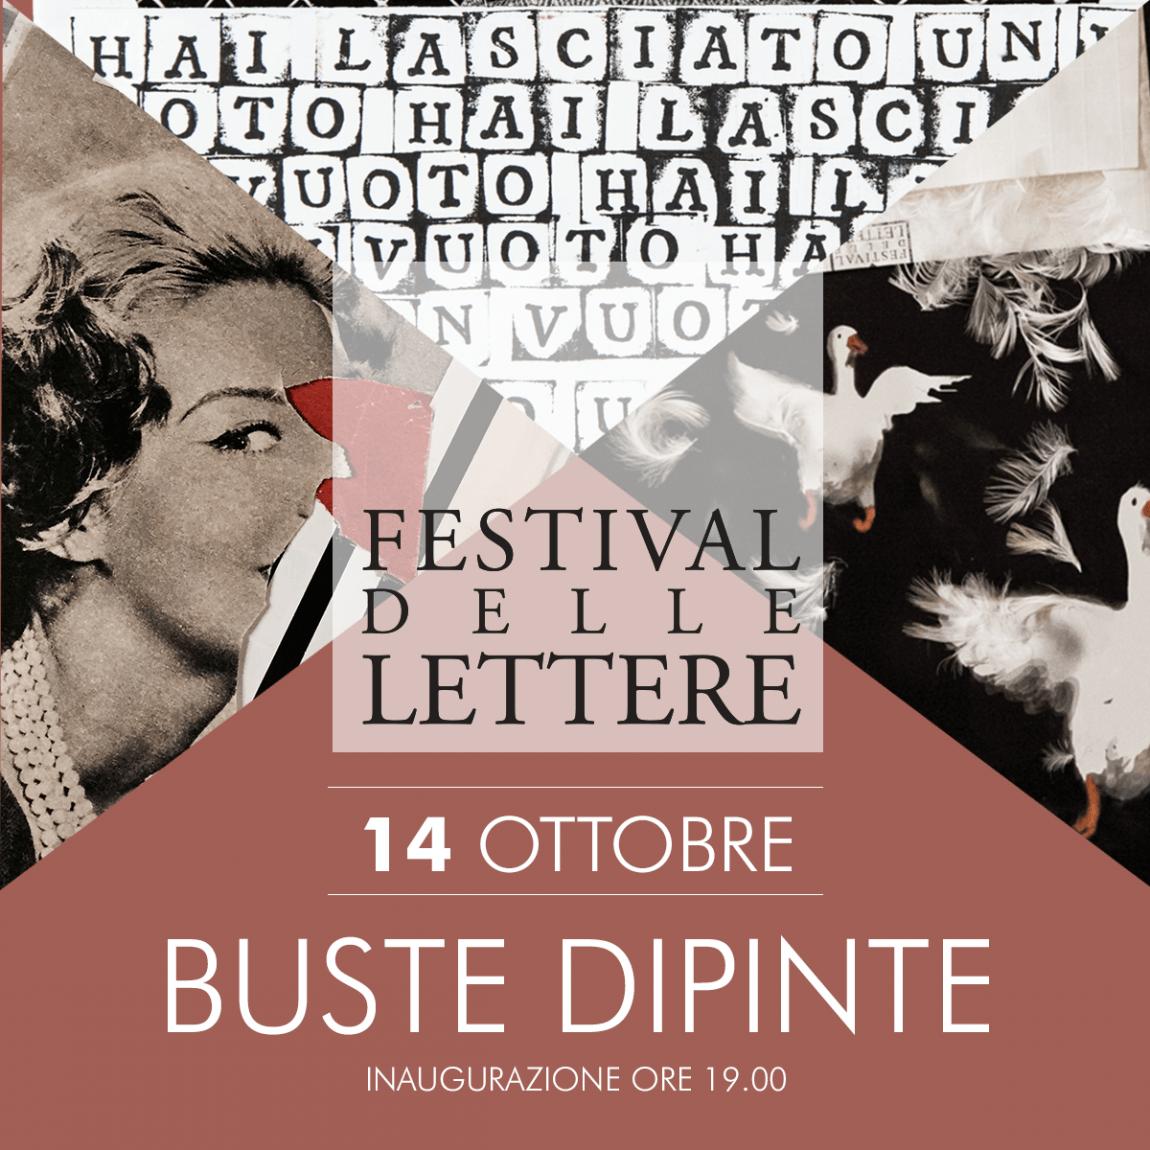 Buste Dipinte - Edizione 2017